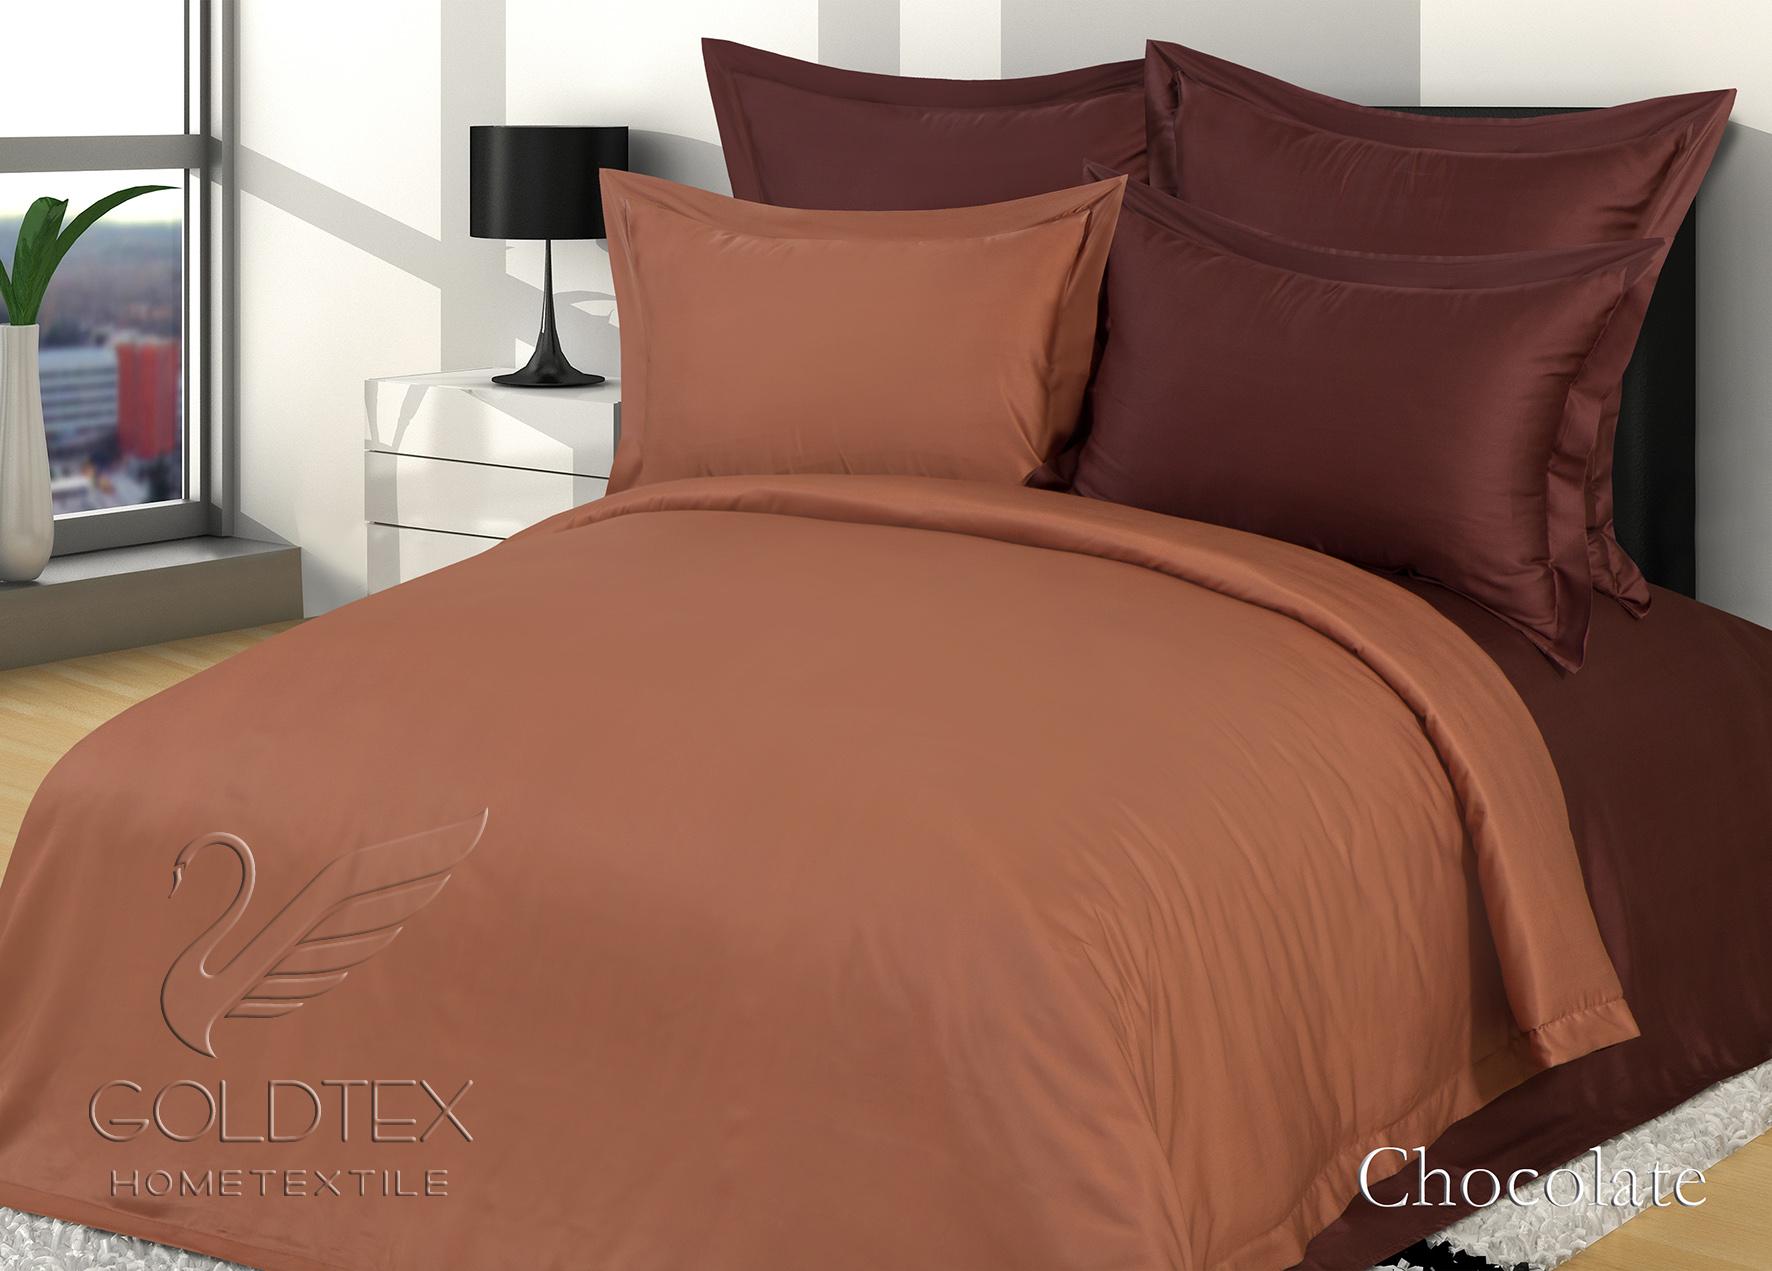 Комплект Chocolate, размер 2,0-спальный с 4 наволочкамиБамбуковое волокно<br>Пододеяльник: 220х175 см - 1 шт. <br>Простыня: 220х240 см - 1 шт. <br>Наволочка: 70х70 см - 2 шт. 50х70 см - 2 шт.<br><br>Тип: КПБ<br>Размер: 2,0-сп. 4 нав.<br>Материал: Бамбук